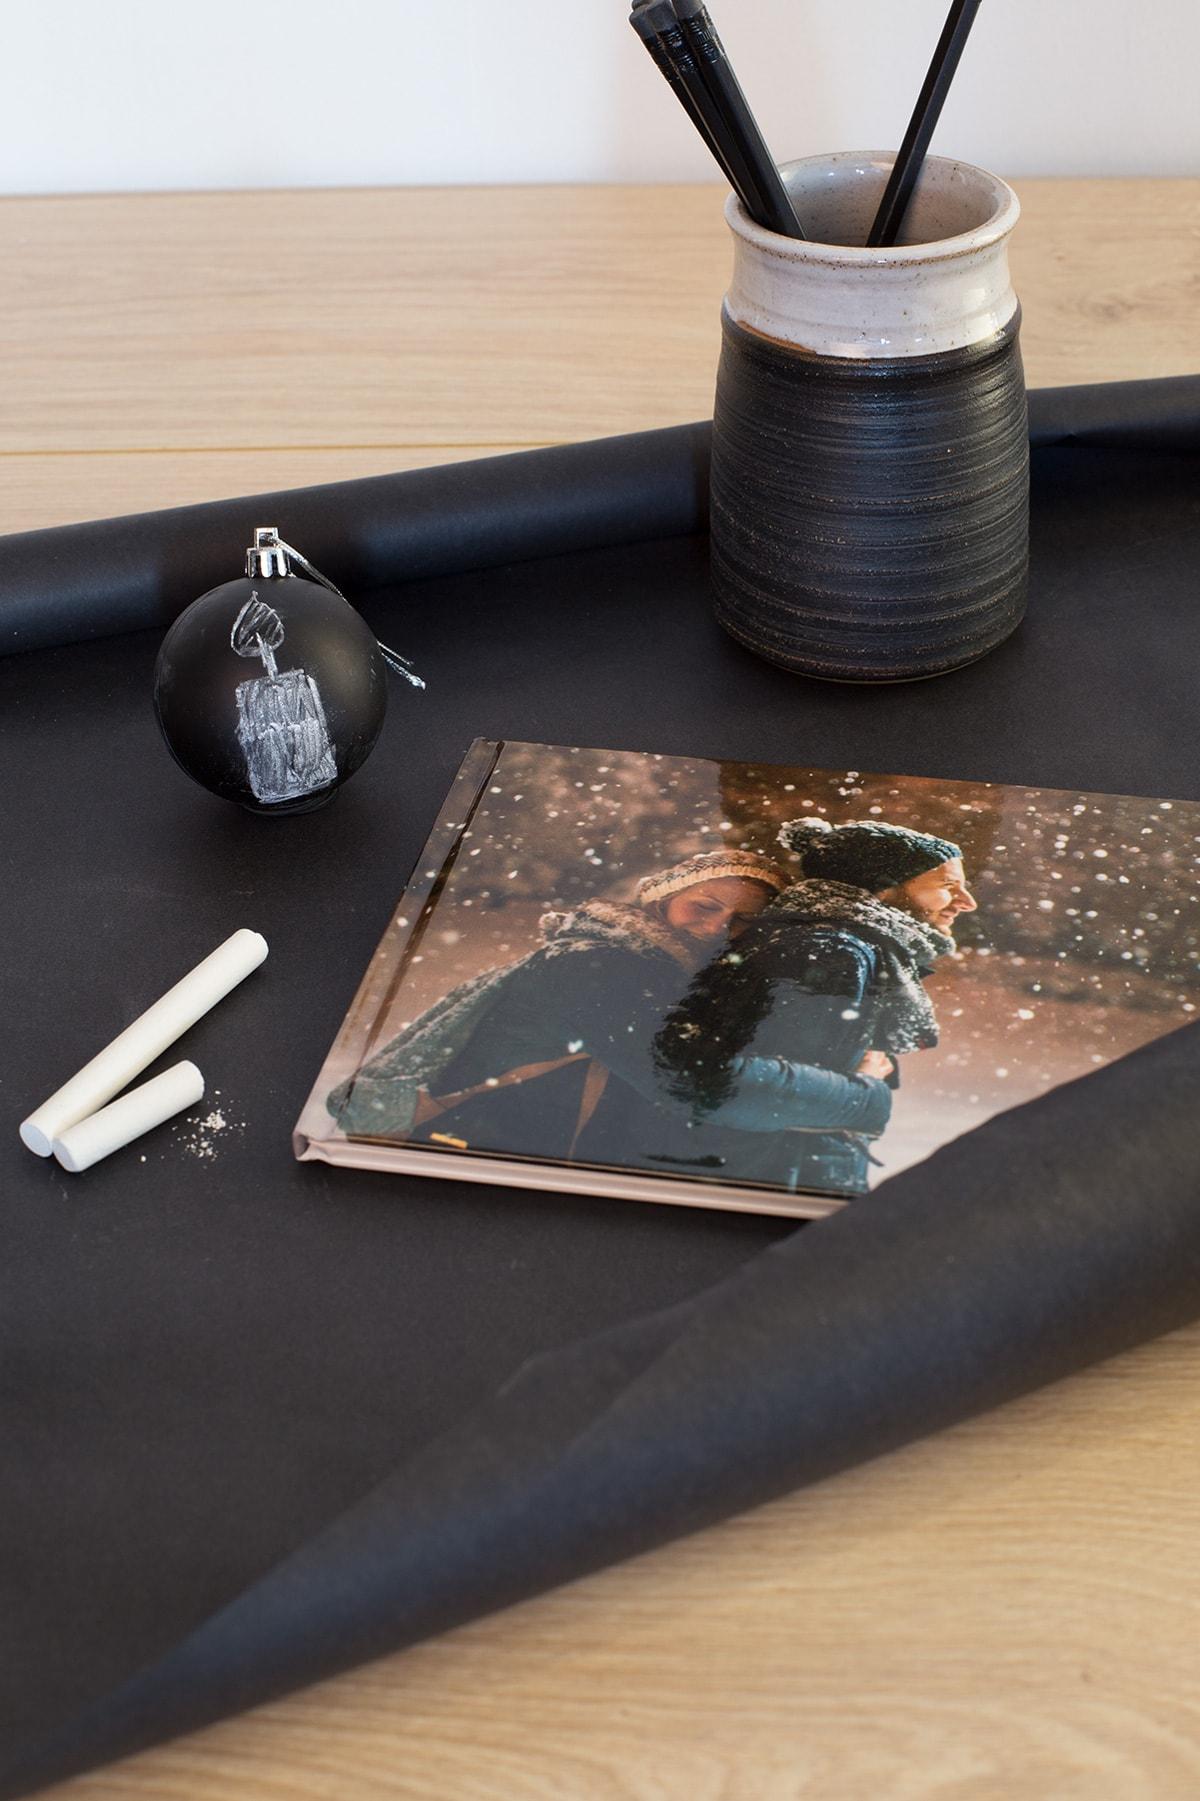 10 id es pour des emballages cadeaux originaux albelli. Black Bedroom Furniture Sets. Home Design Ideas